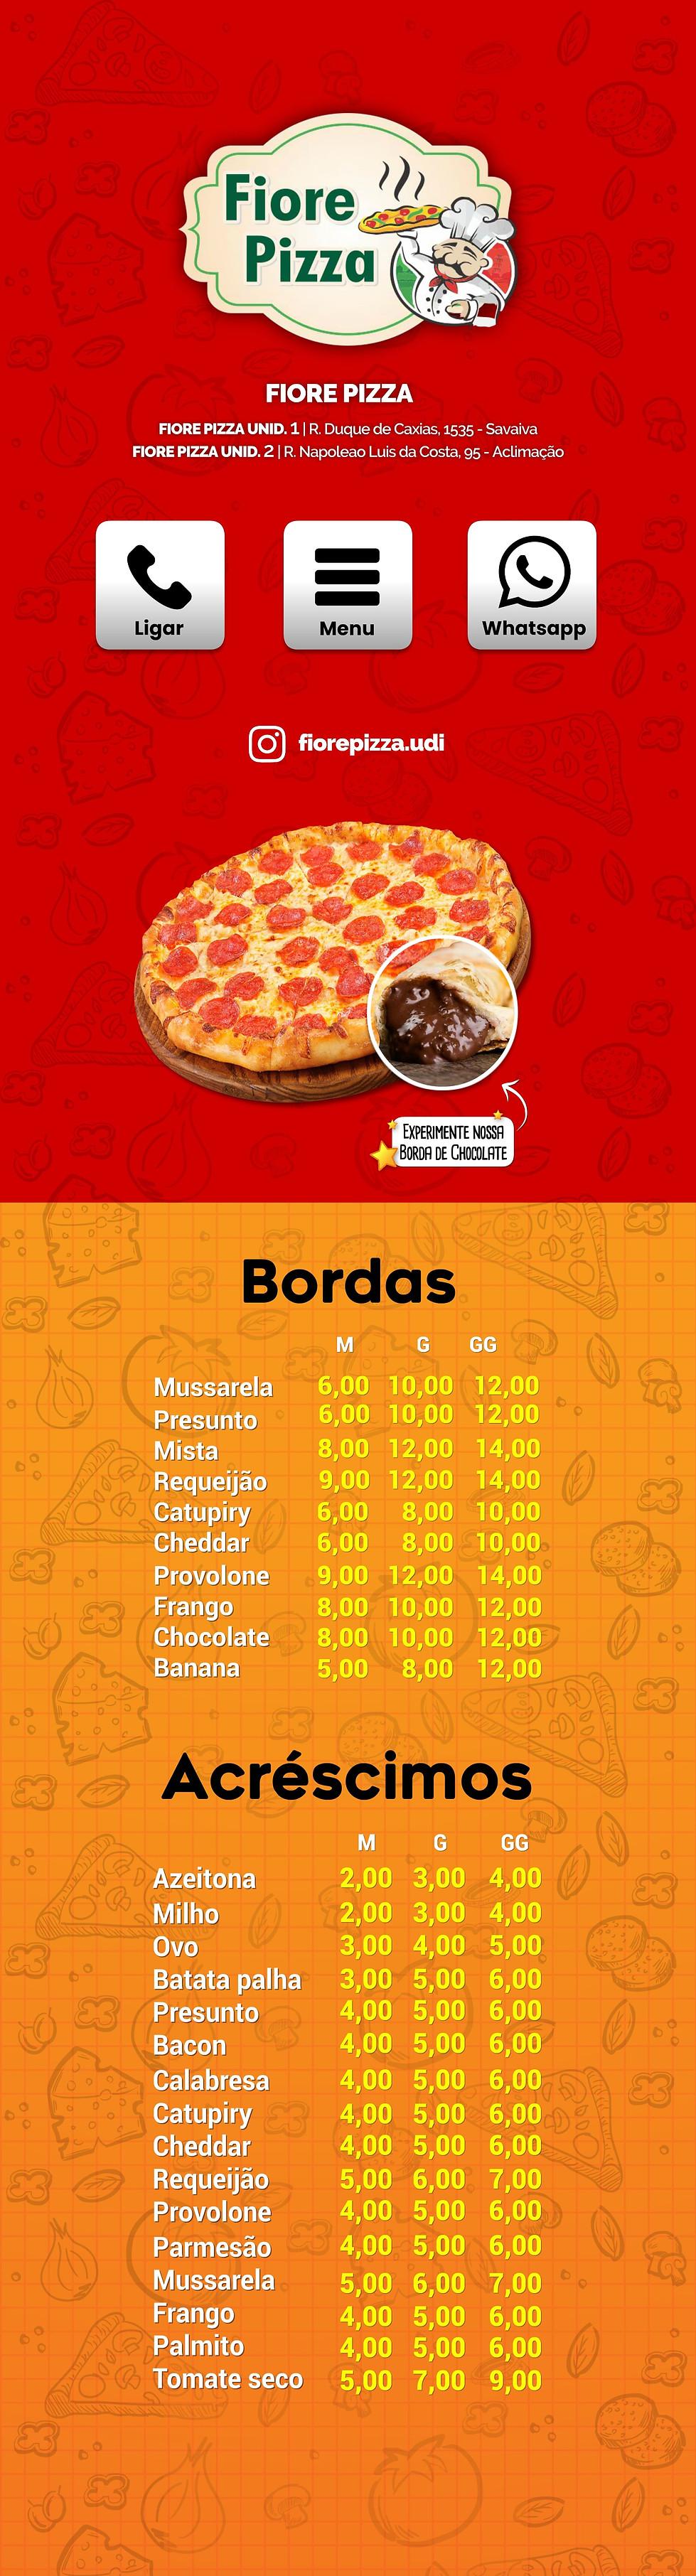 Adicionais Fiore Pizza.1.turbopesquisa.c